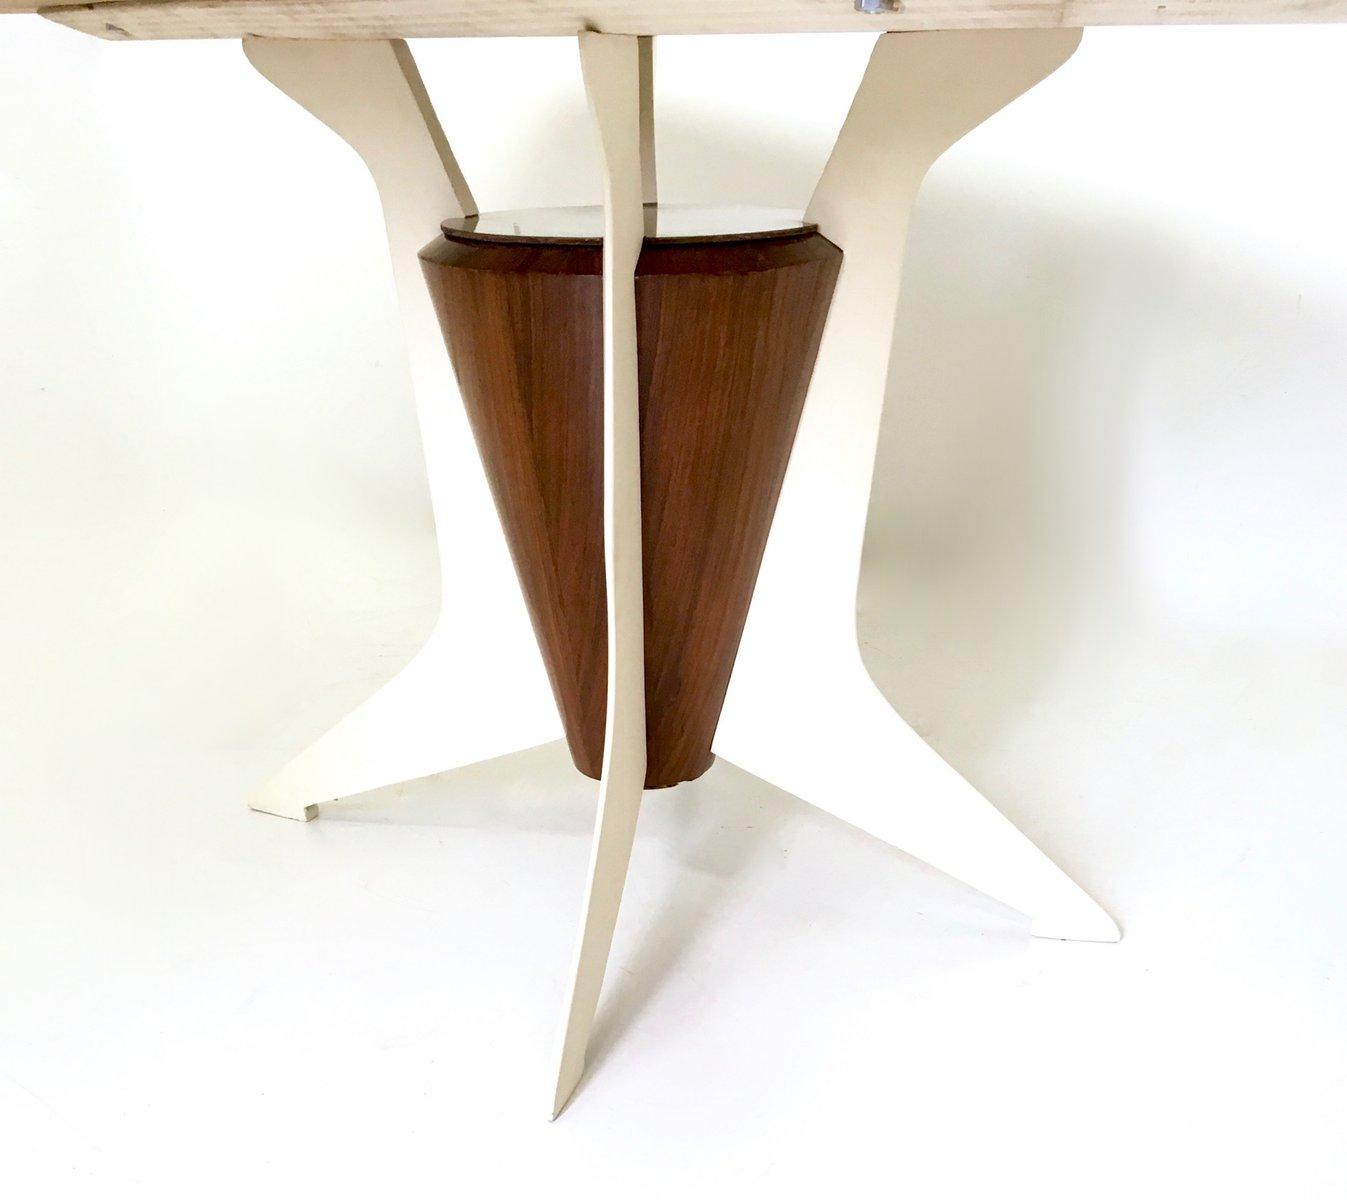 Table de salle manger en bois avec plateau en marbre de carr re italie 1950s en vente sur pamono - Table salle a manger plateau marbre ...